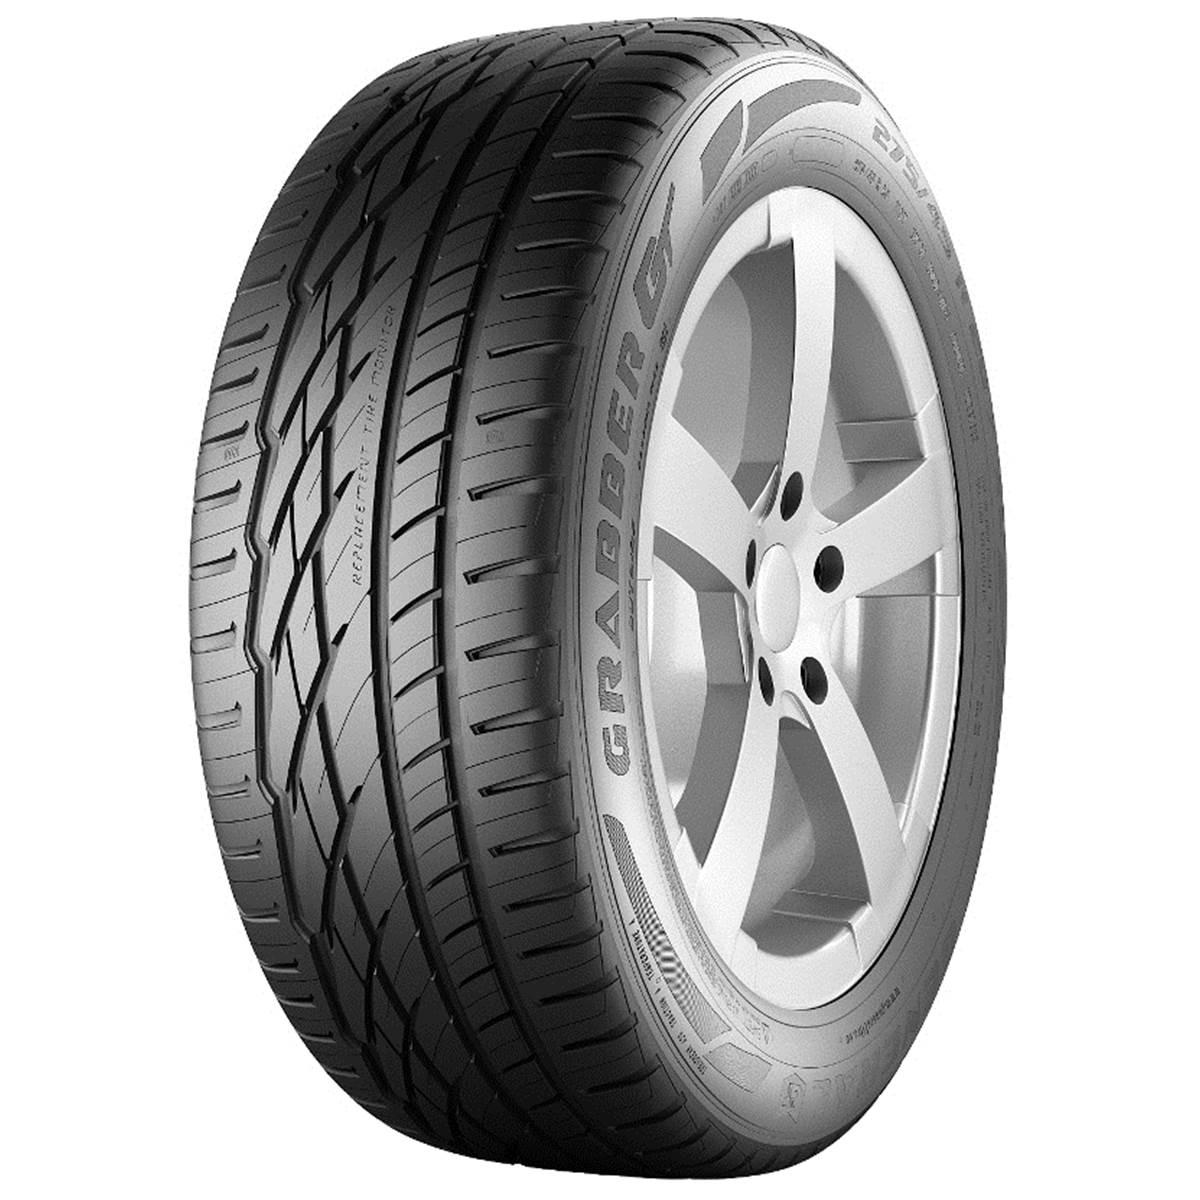 Anvelopa vara GENERAL GRABBER GT FR 215/65 R16 98H